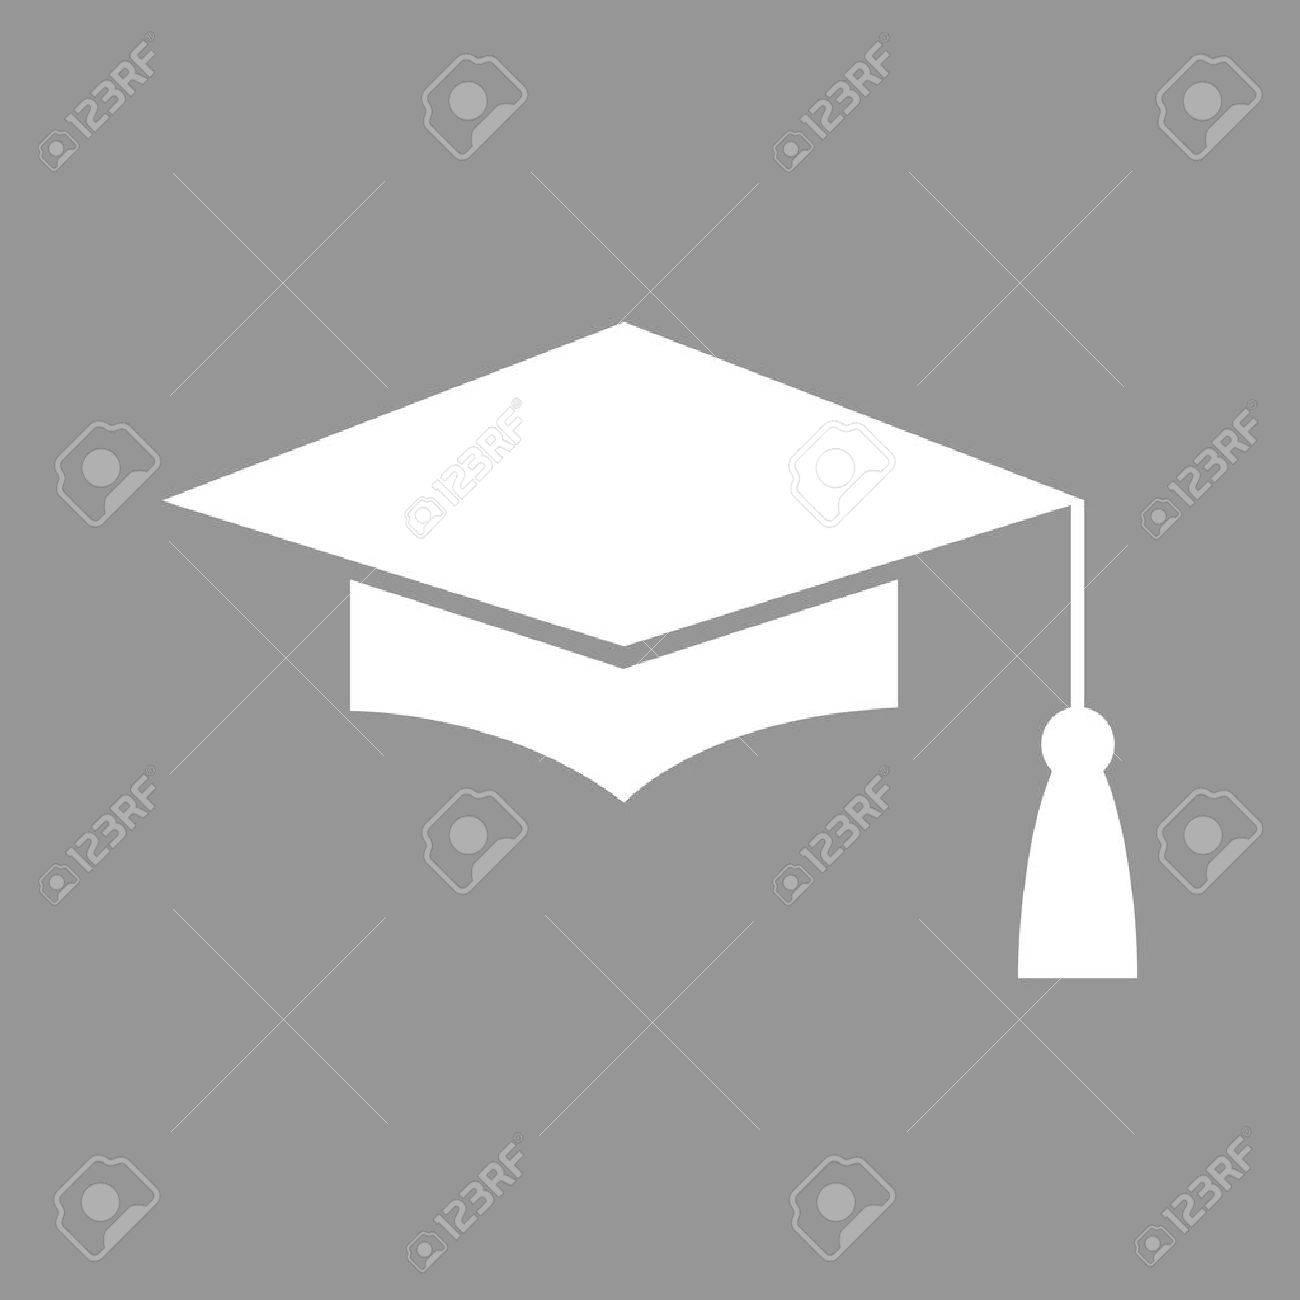 Mortar Board Or Graduation Cap 468852a81484